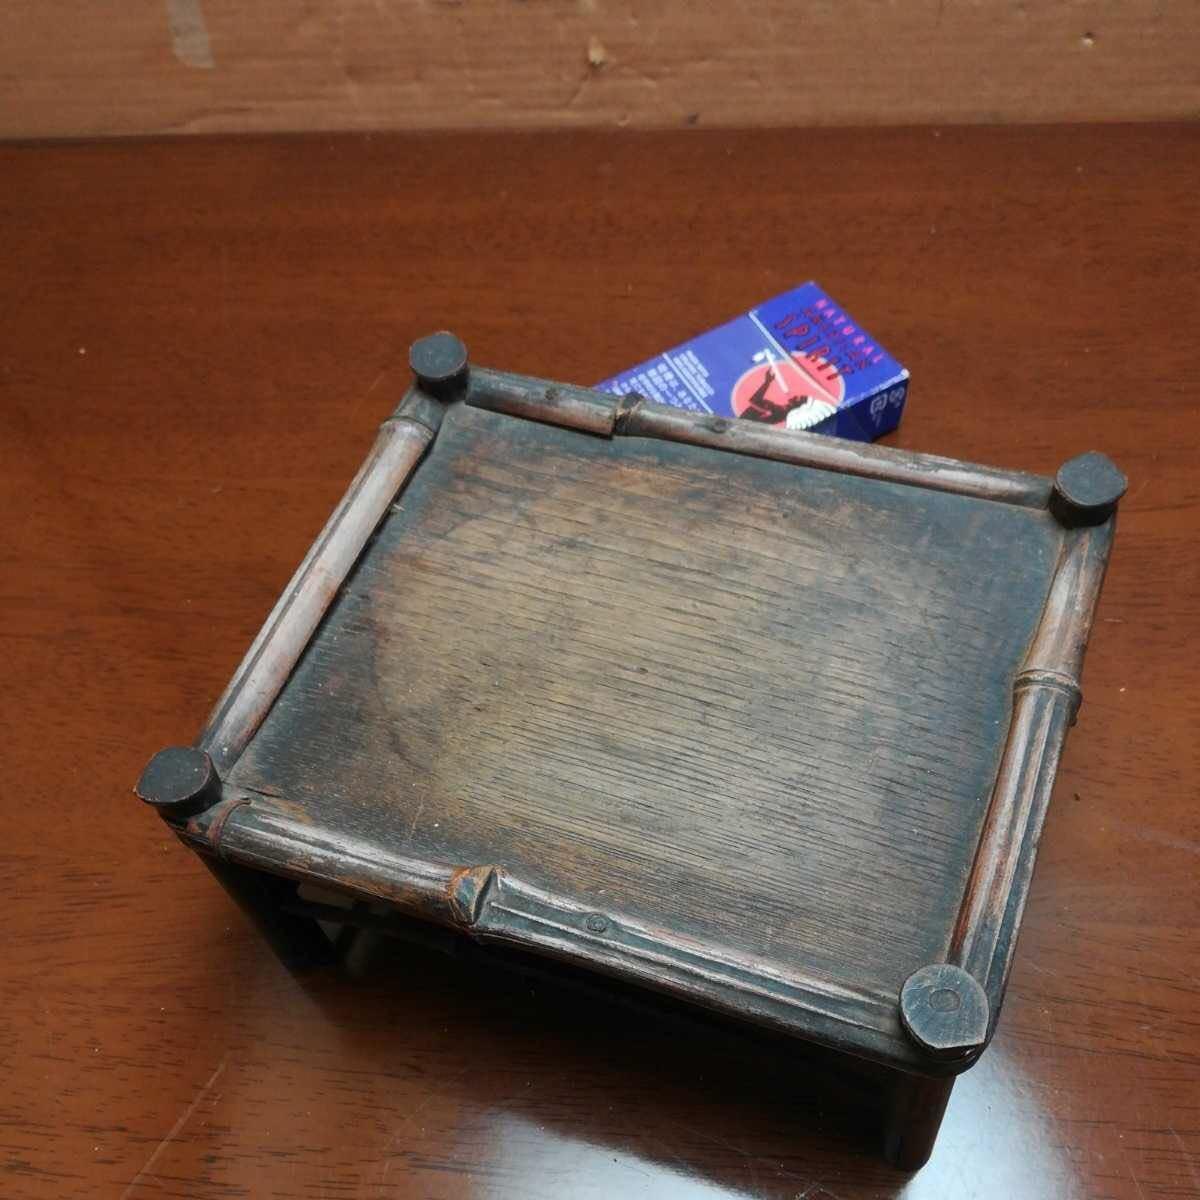 竹製花台 竹製長方飾台 長方花台 盆栽台 香炉台 華道具 茶道具 _画像10